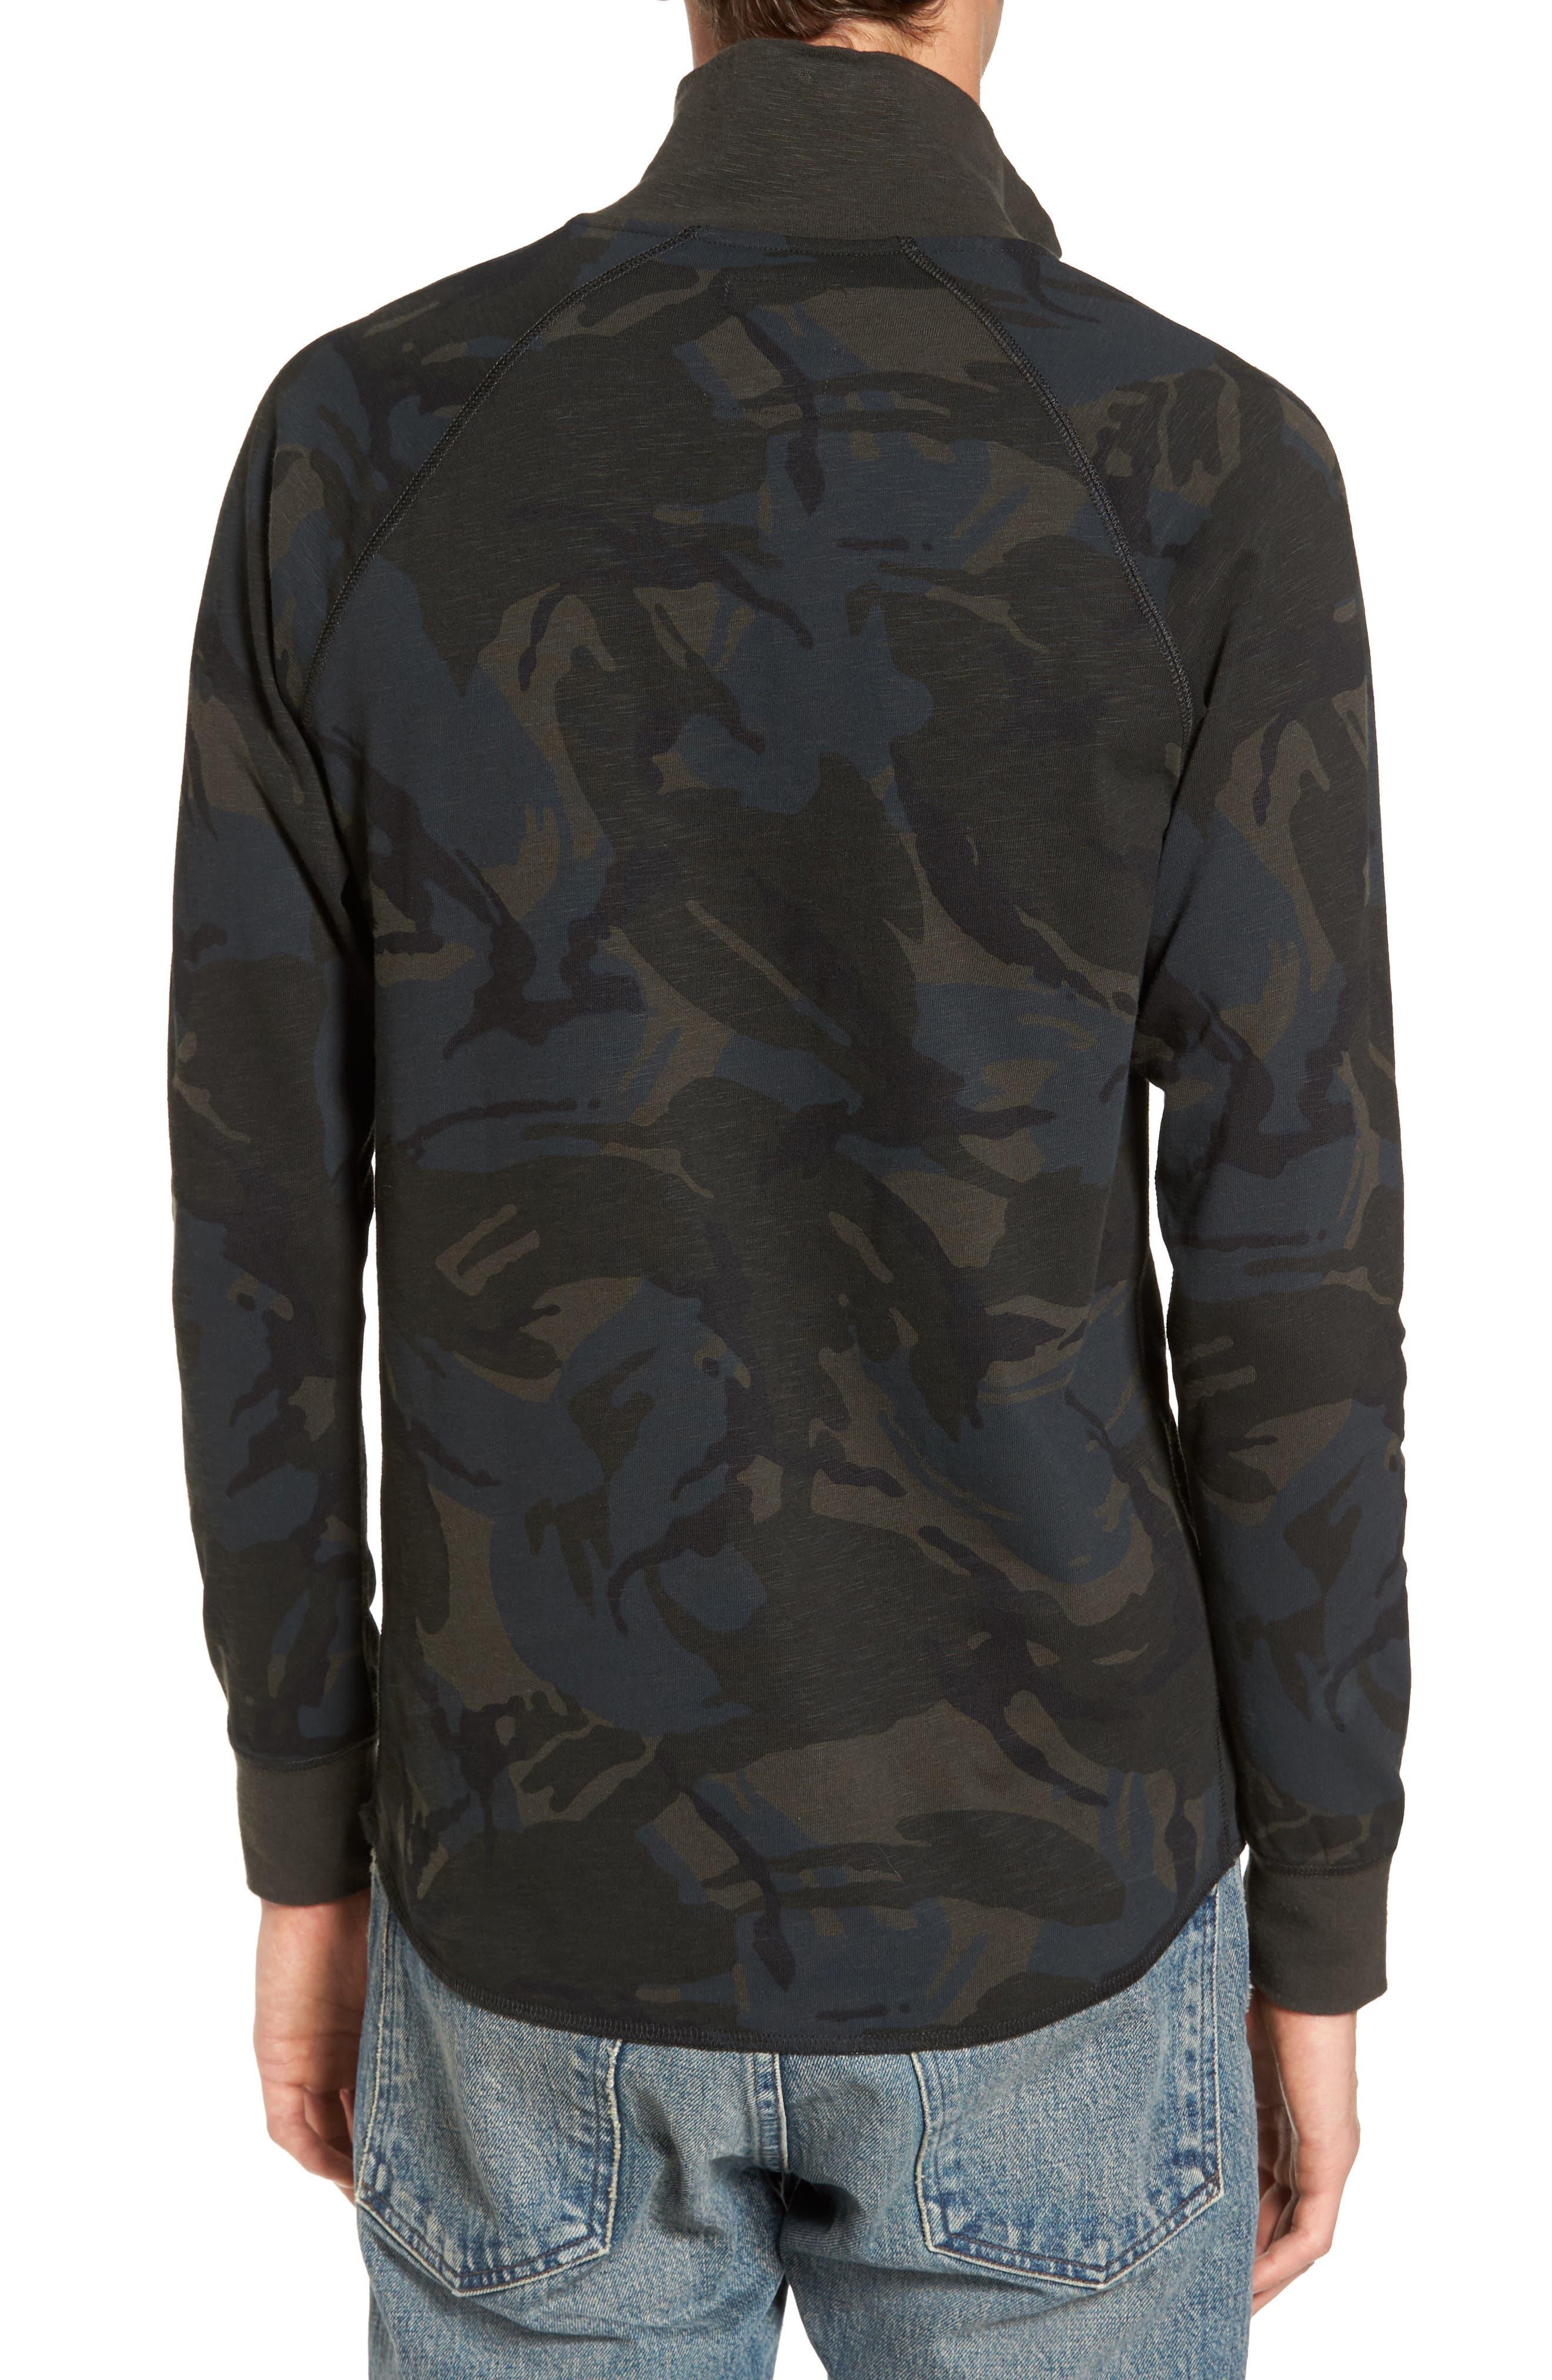 Jirgi Quarter Zip Jacket,                             Alternate thumbnail 2, color,                             300